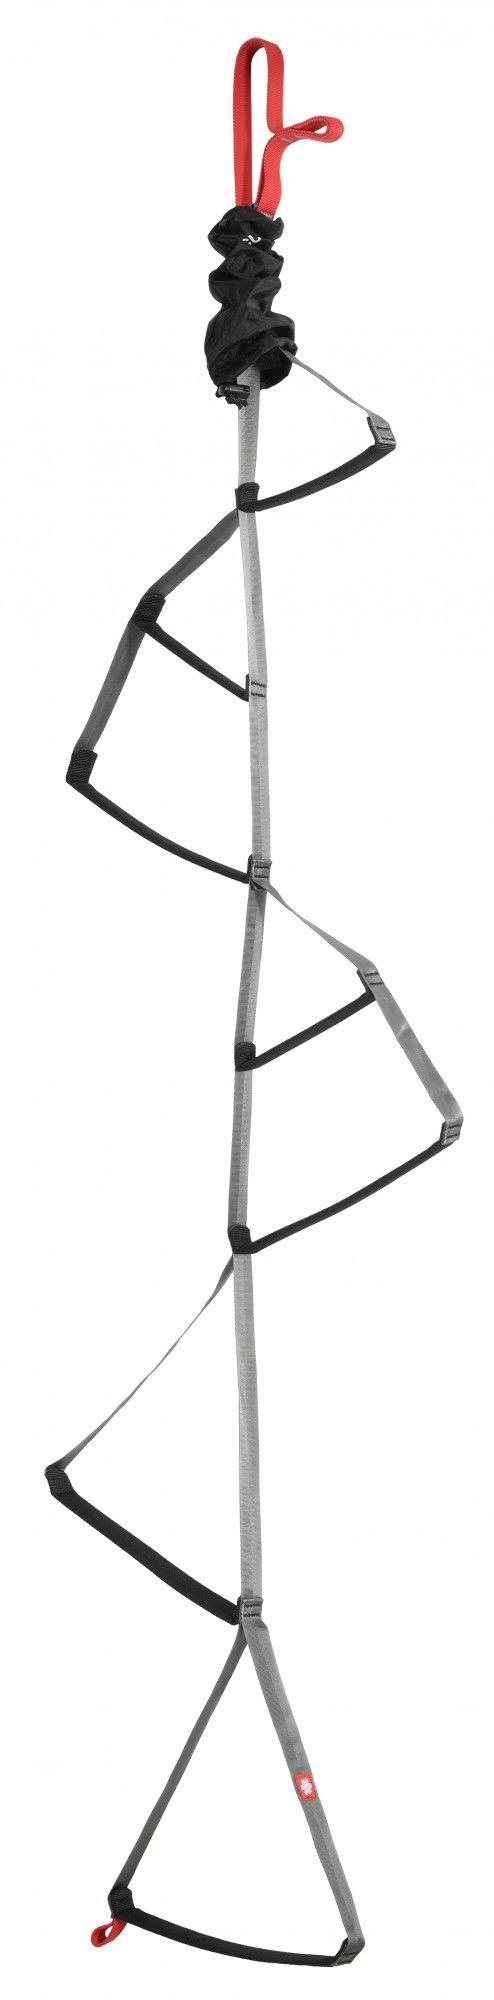 Ocun Ladder D Step Schwarz, Klettern, 155 cm